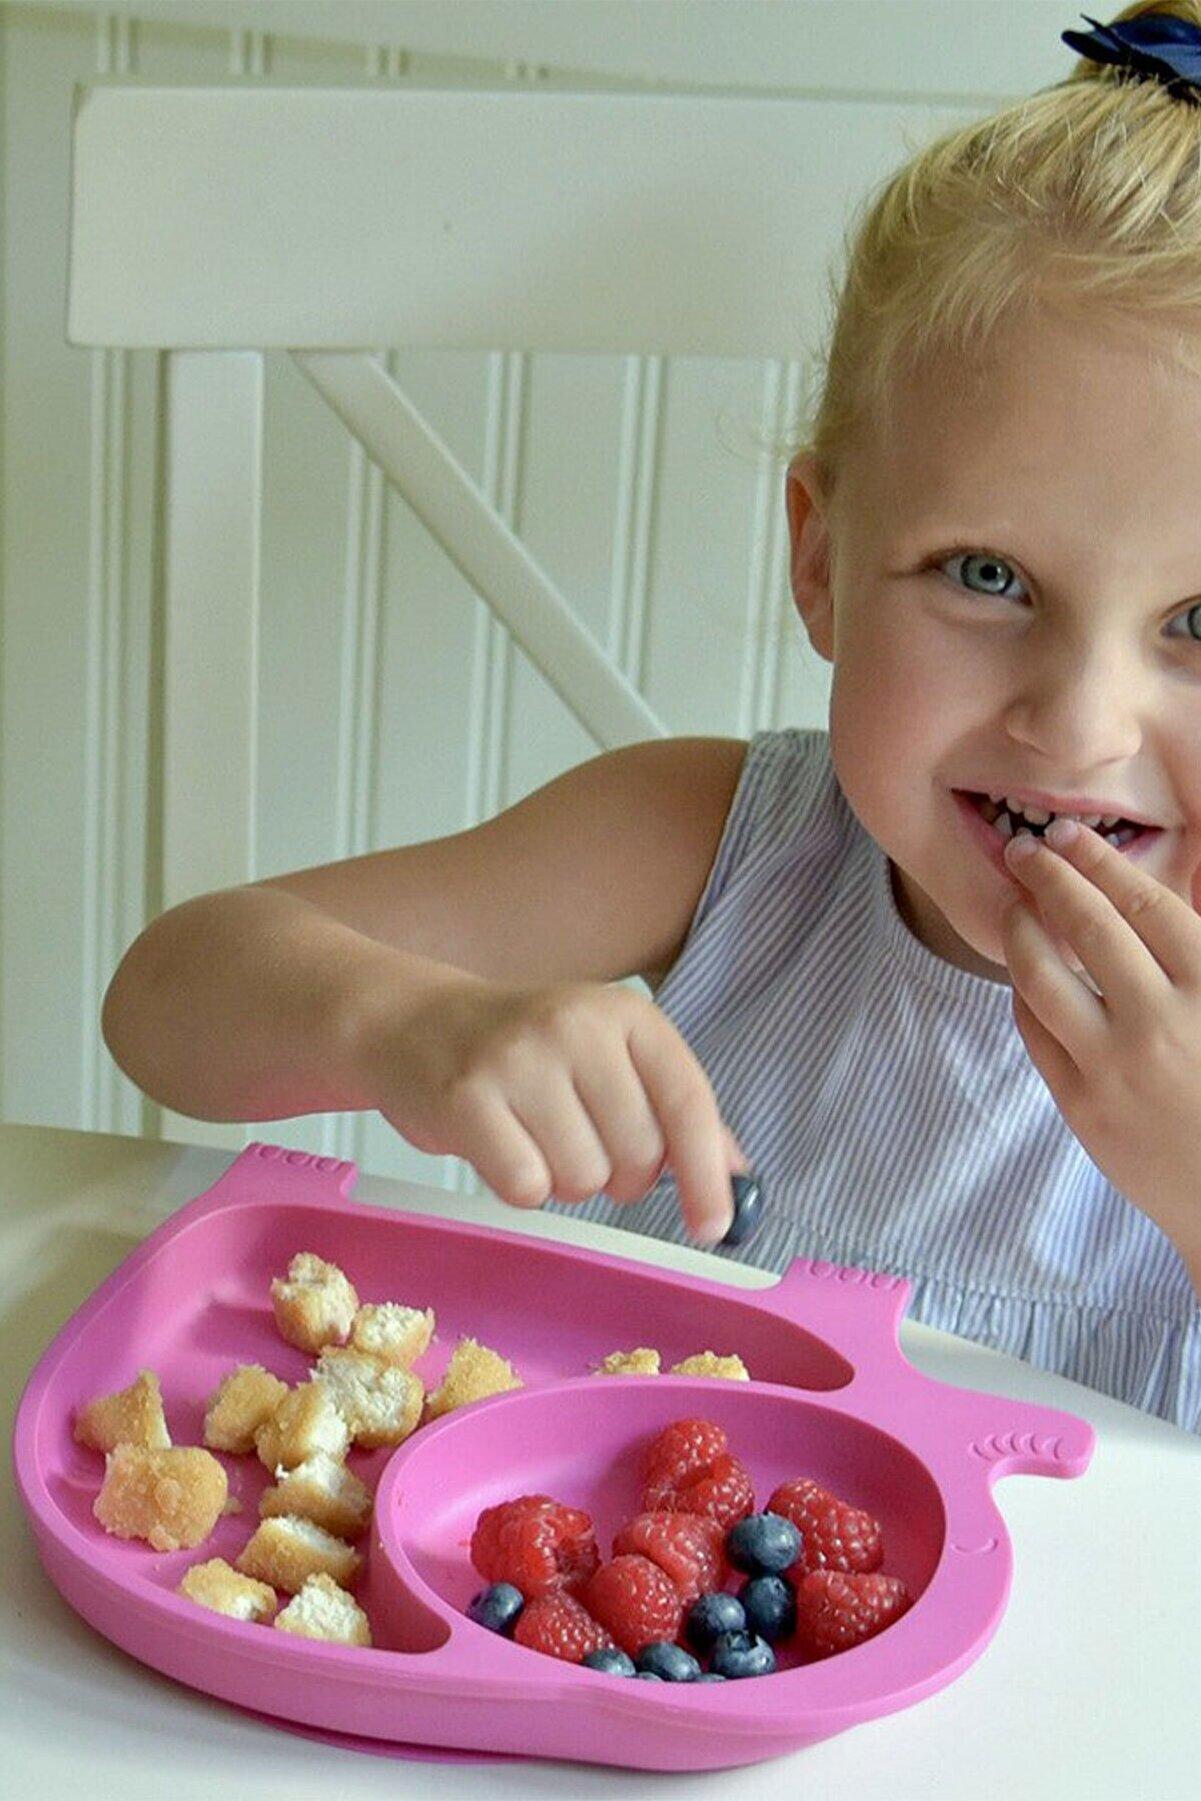 FERHOME Fil Model Mama Tabağı Seti Çocuk Yemek Bebek Mama Tabldot Bölmeli Tabak